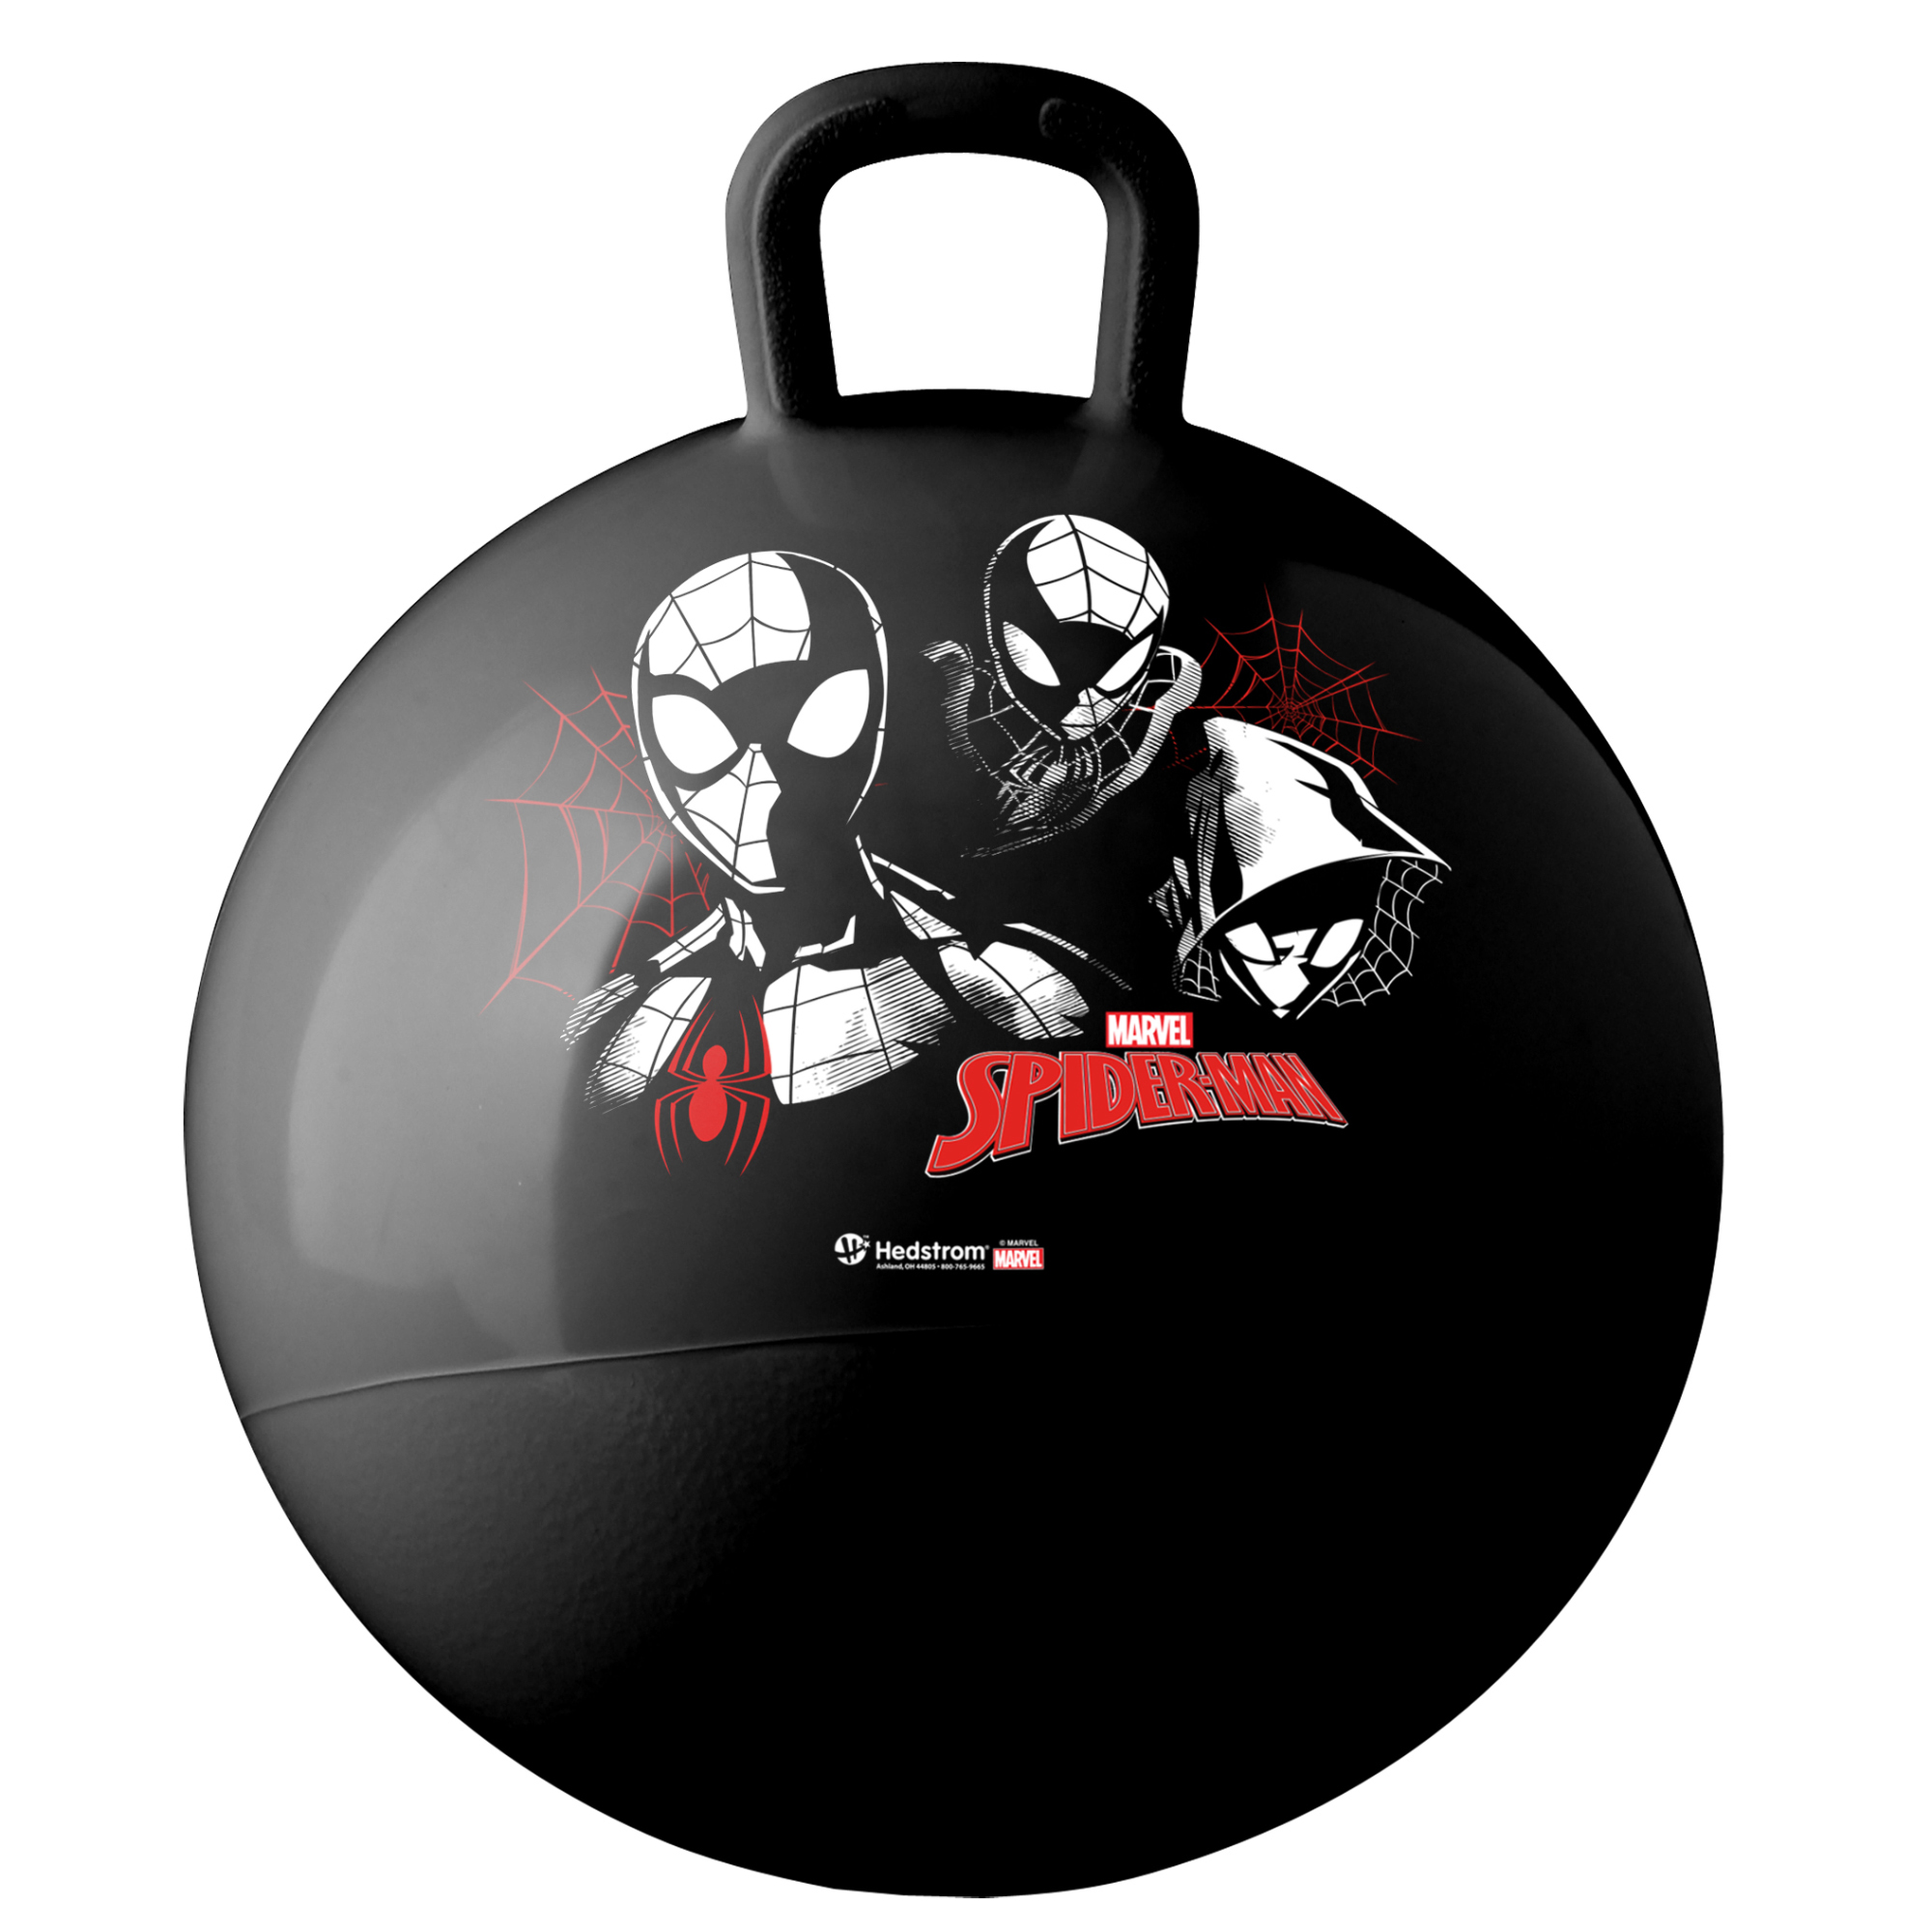 """Hedstrom 15"""" Spiderman Hopper"""